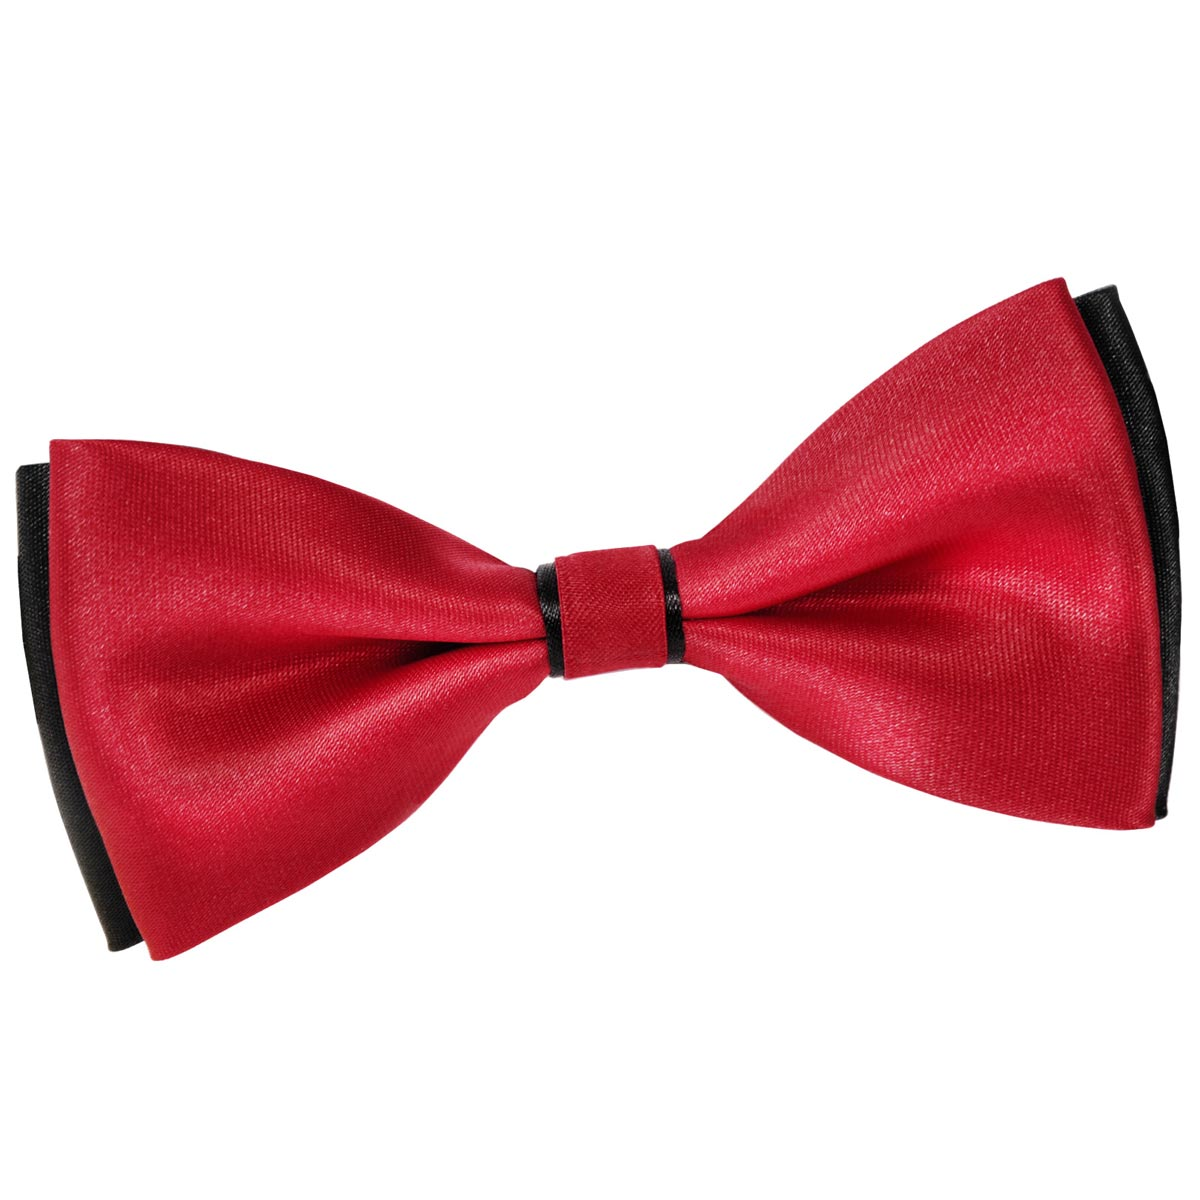 _Noeud-papillon-bicolore-rouge-noir-dandytouch